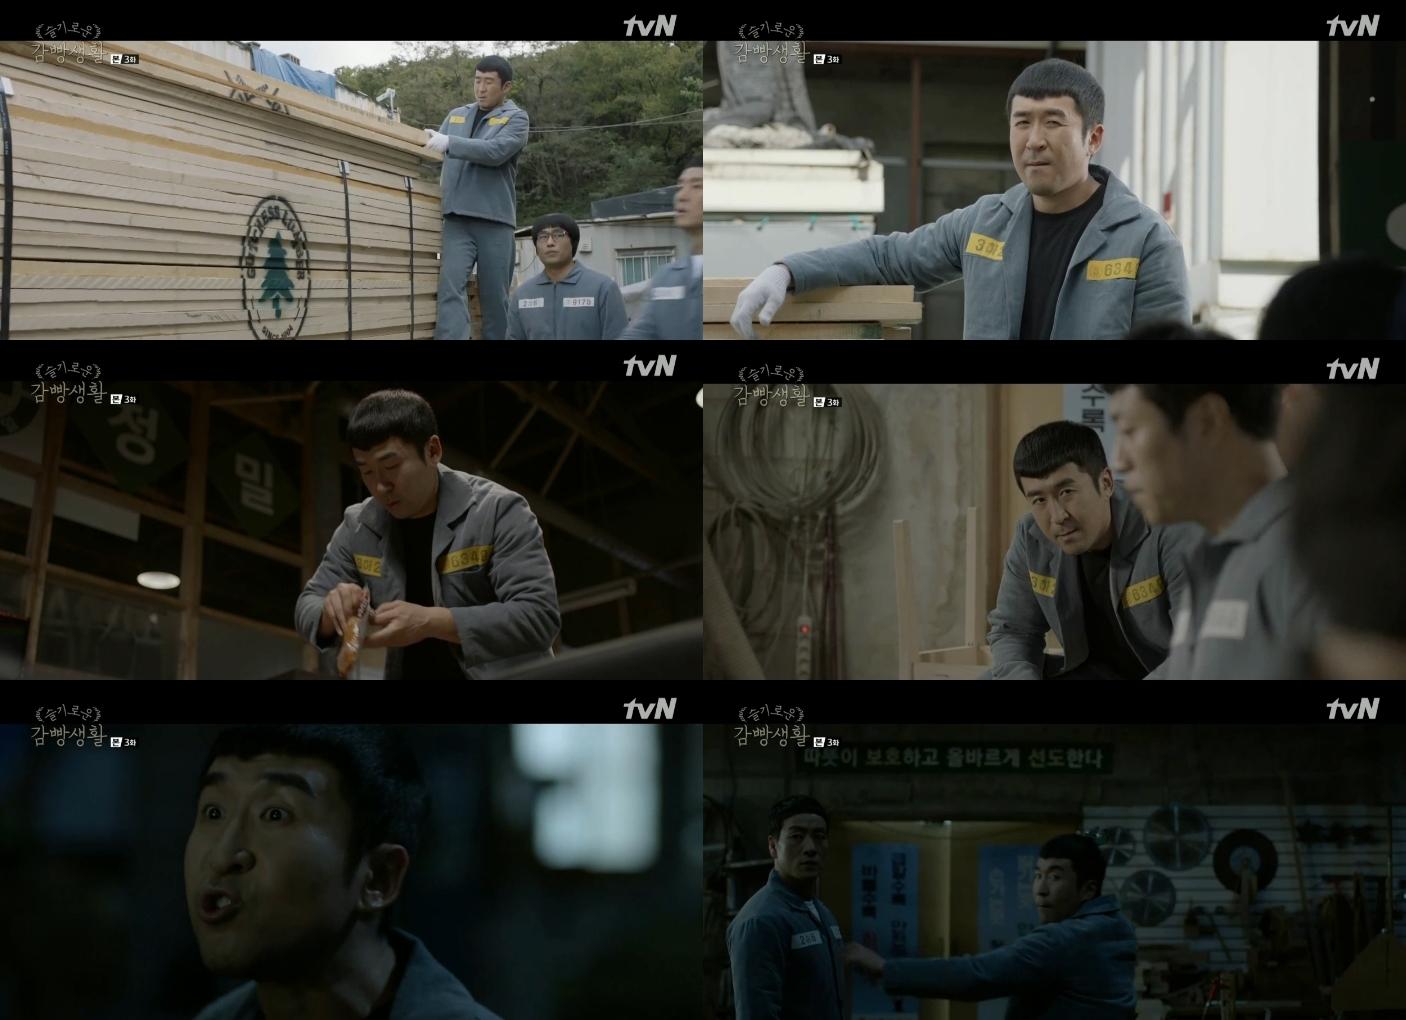 <슬기로운 감빵생활> 김태수, 교도소 2인자로 첫 등장 '관심집중'